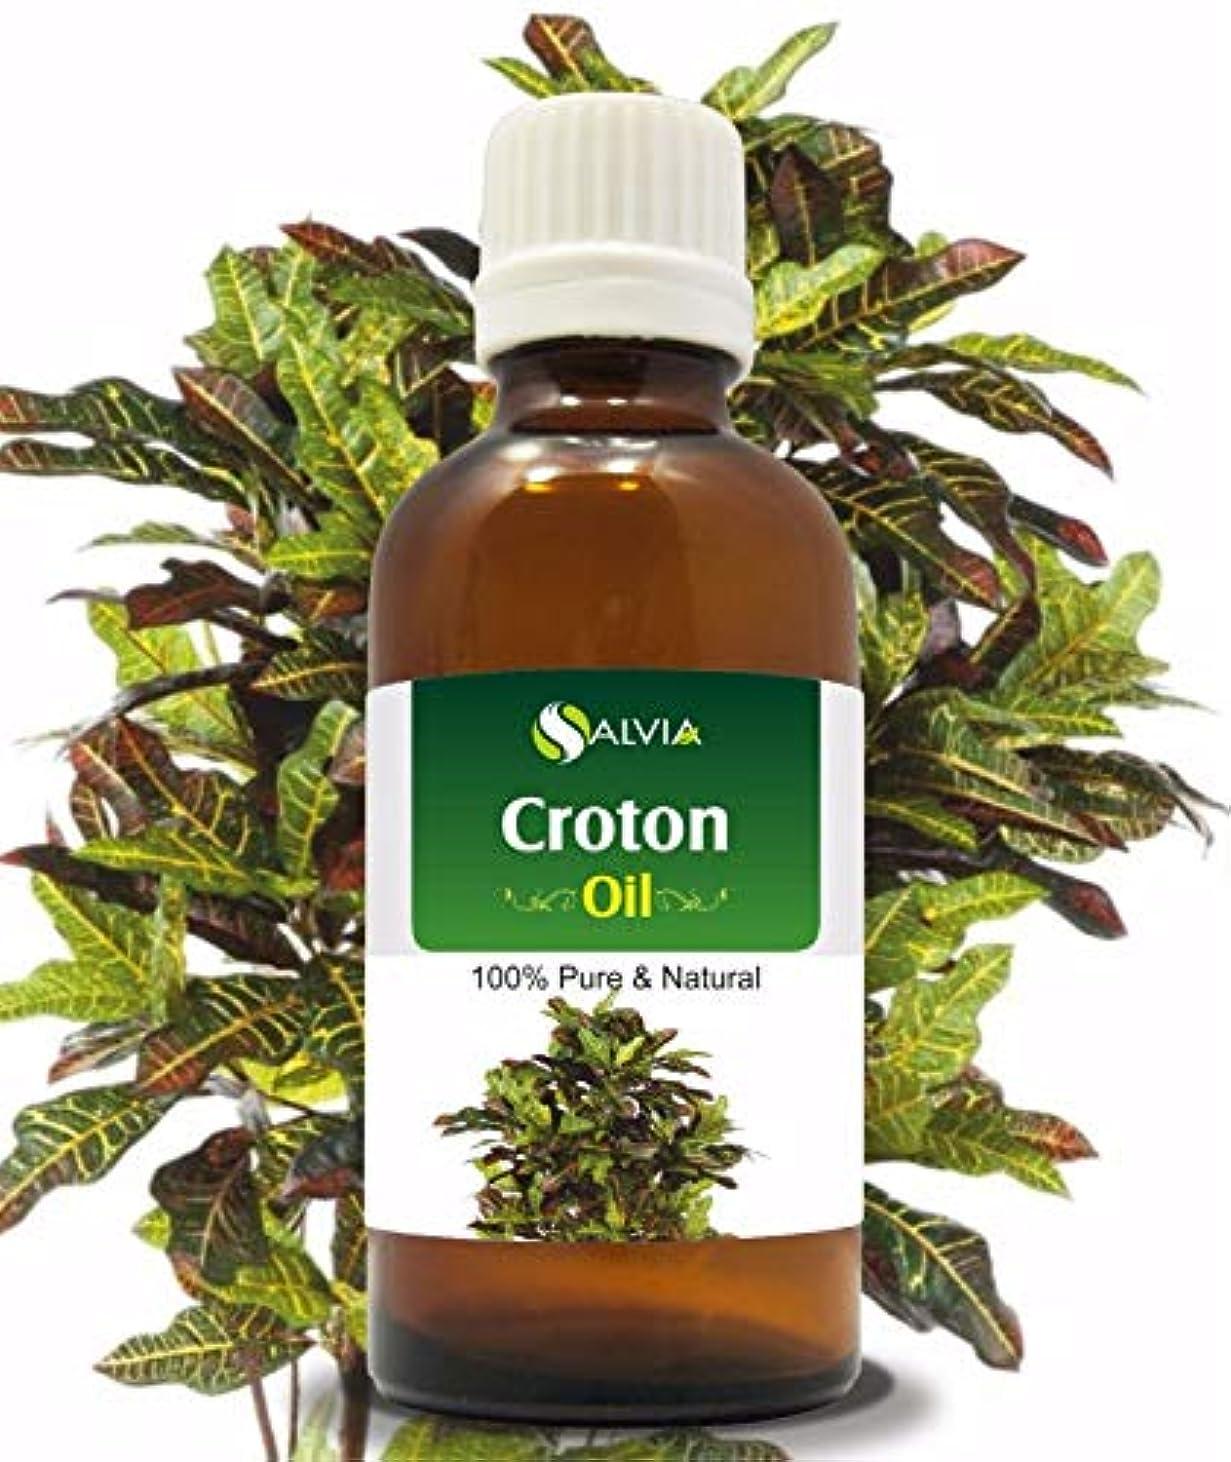 不快な砲撃機密Croton (Crotonis Oleum) 100% Natural Pure Carrier Oil 30ml